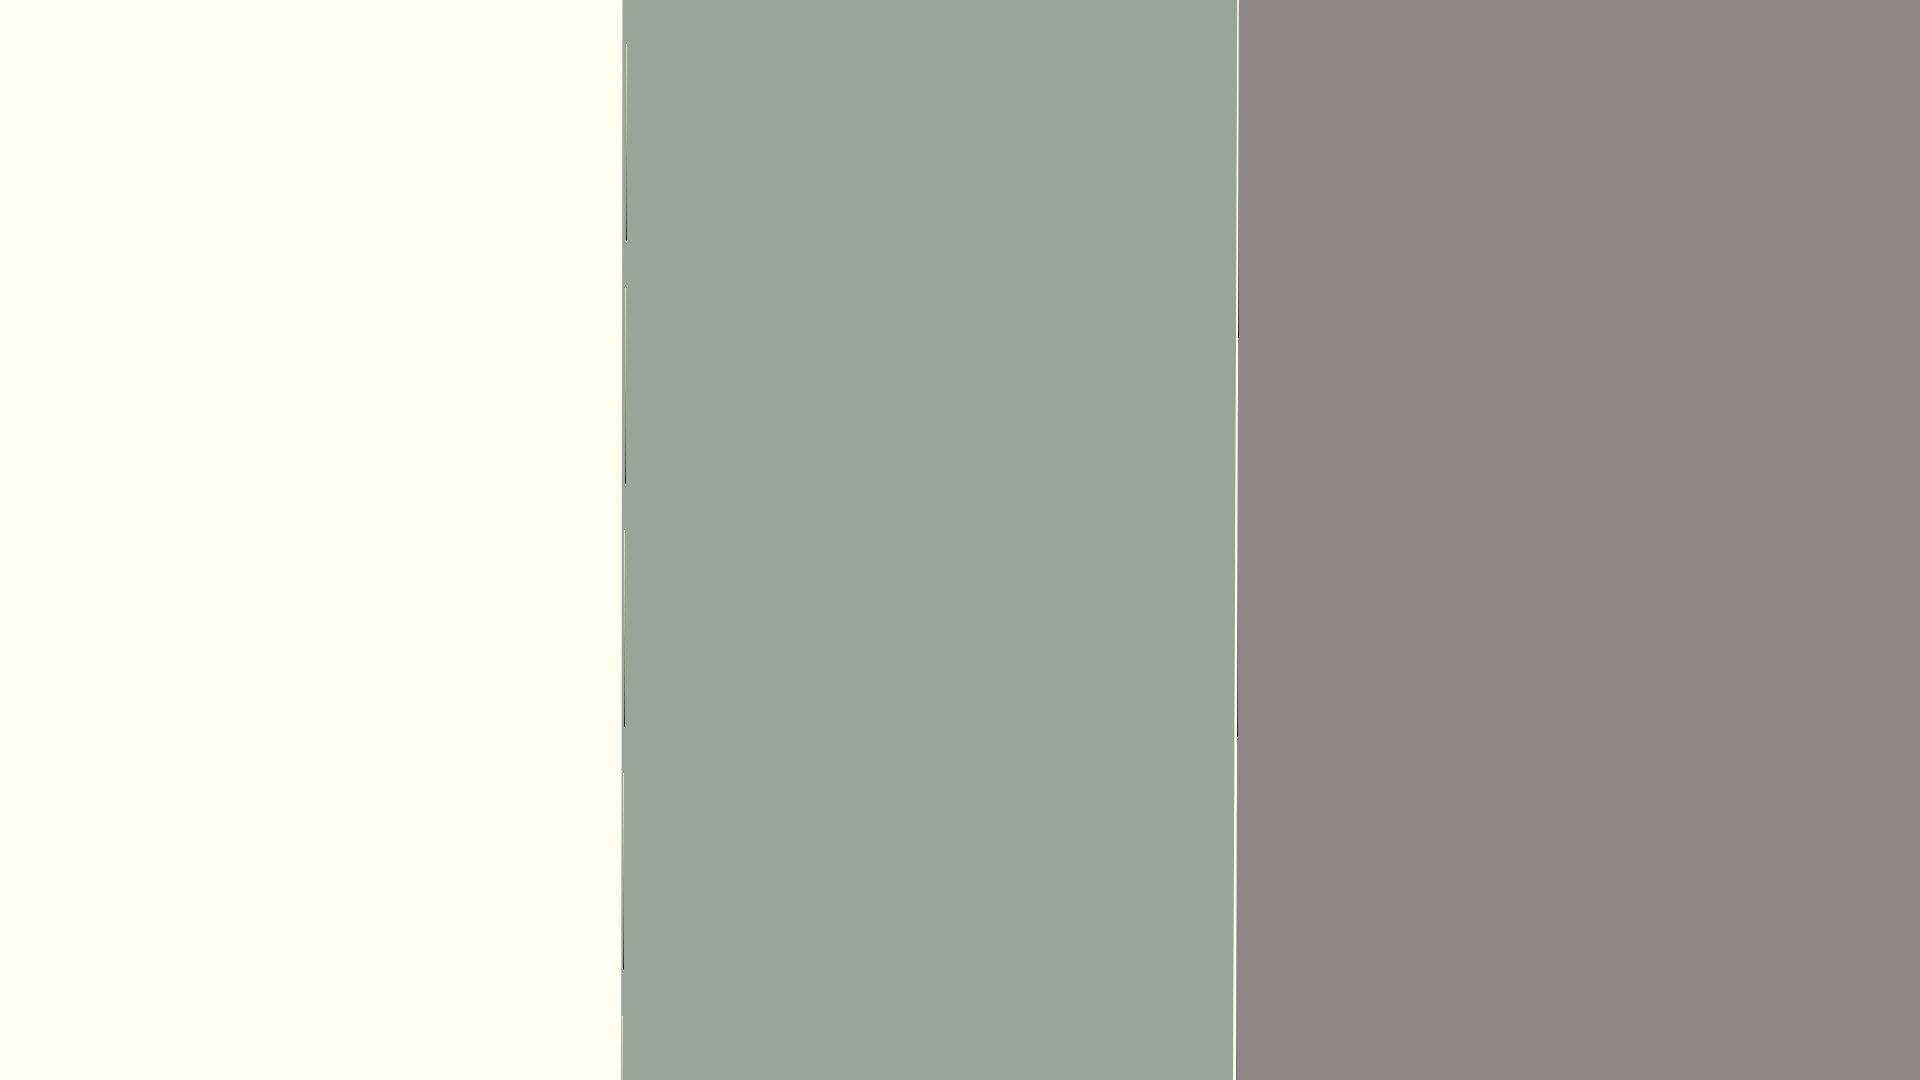 colorcardanalogous.jpg